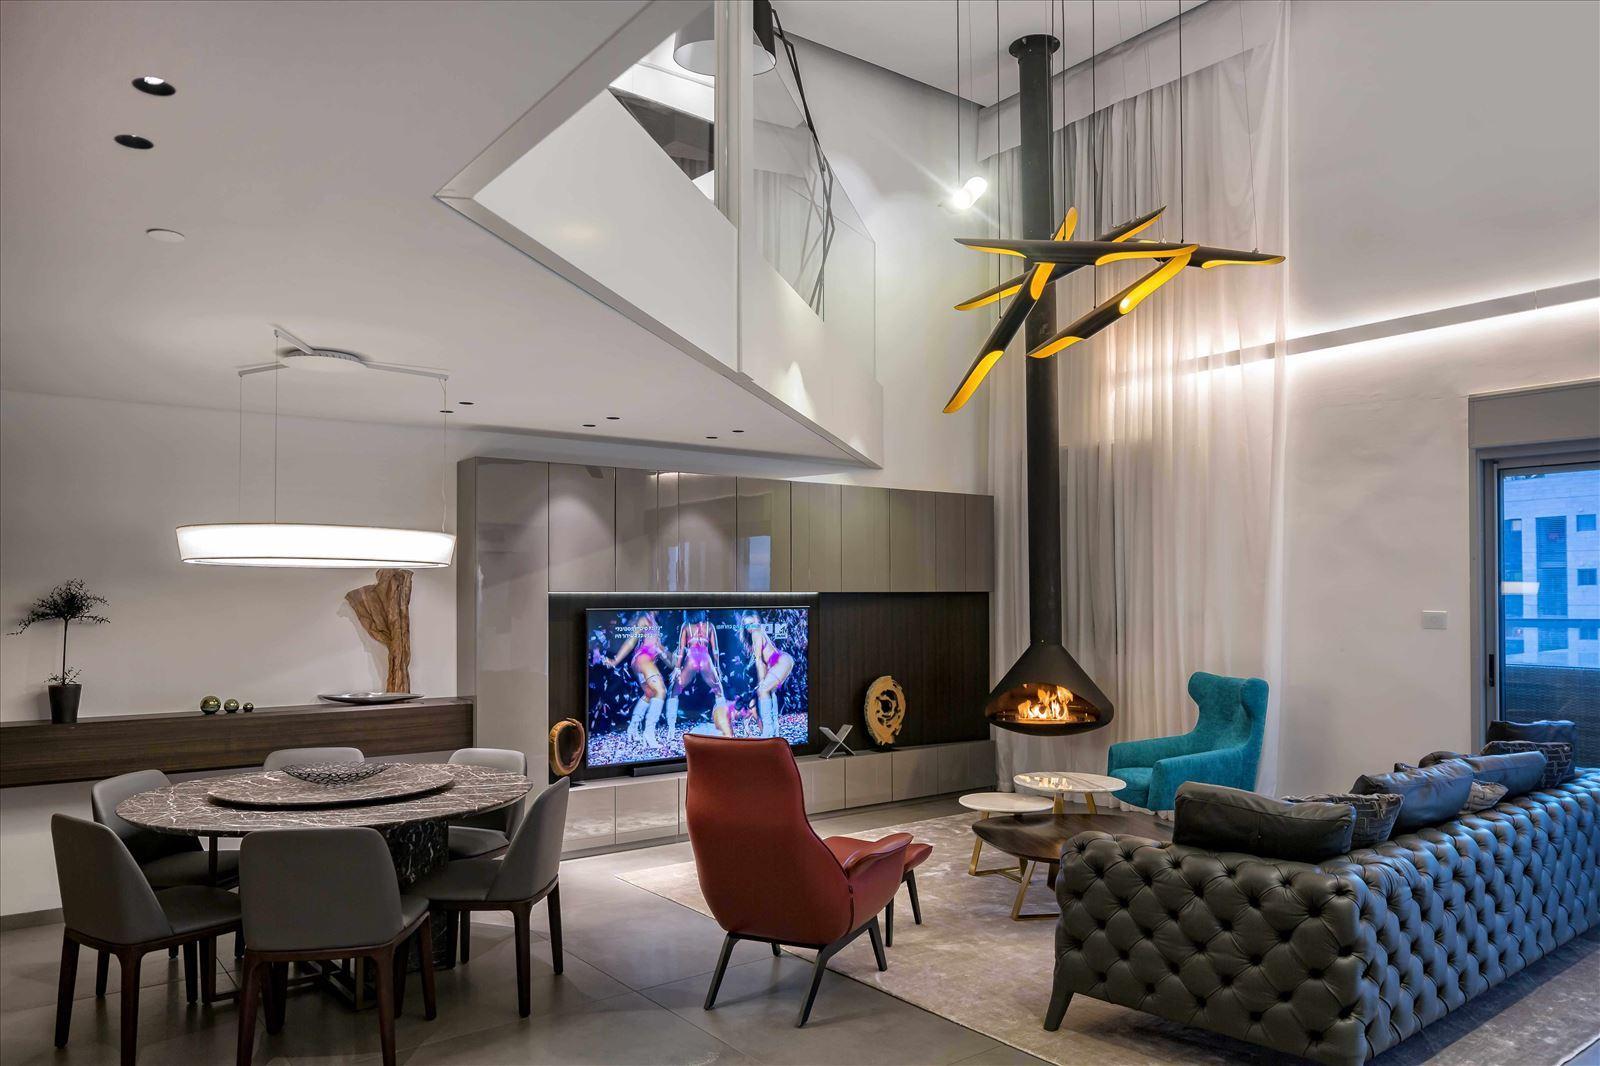 תמונה של בית חכם עם טכנולוגית עמעום תאורה